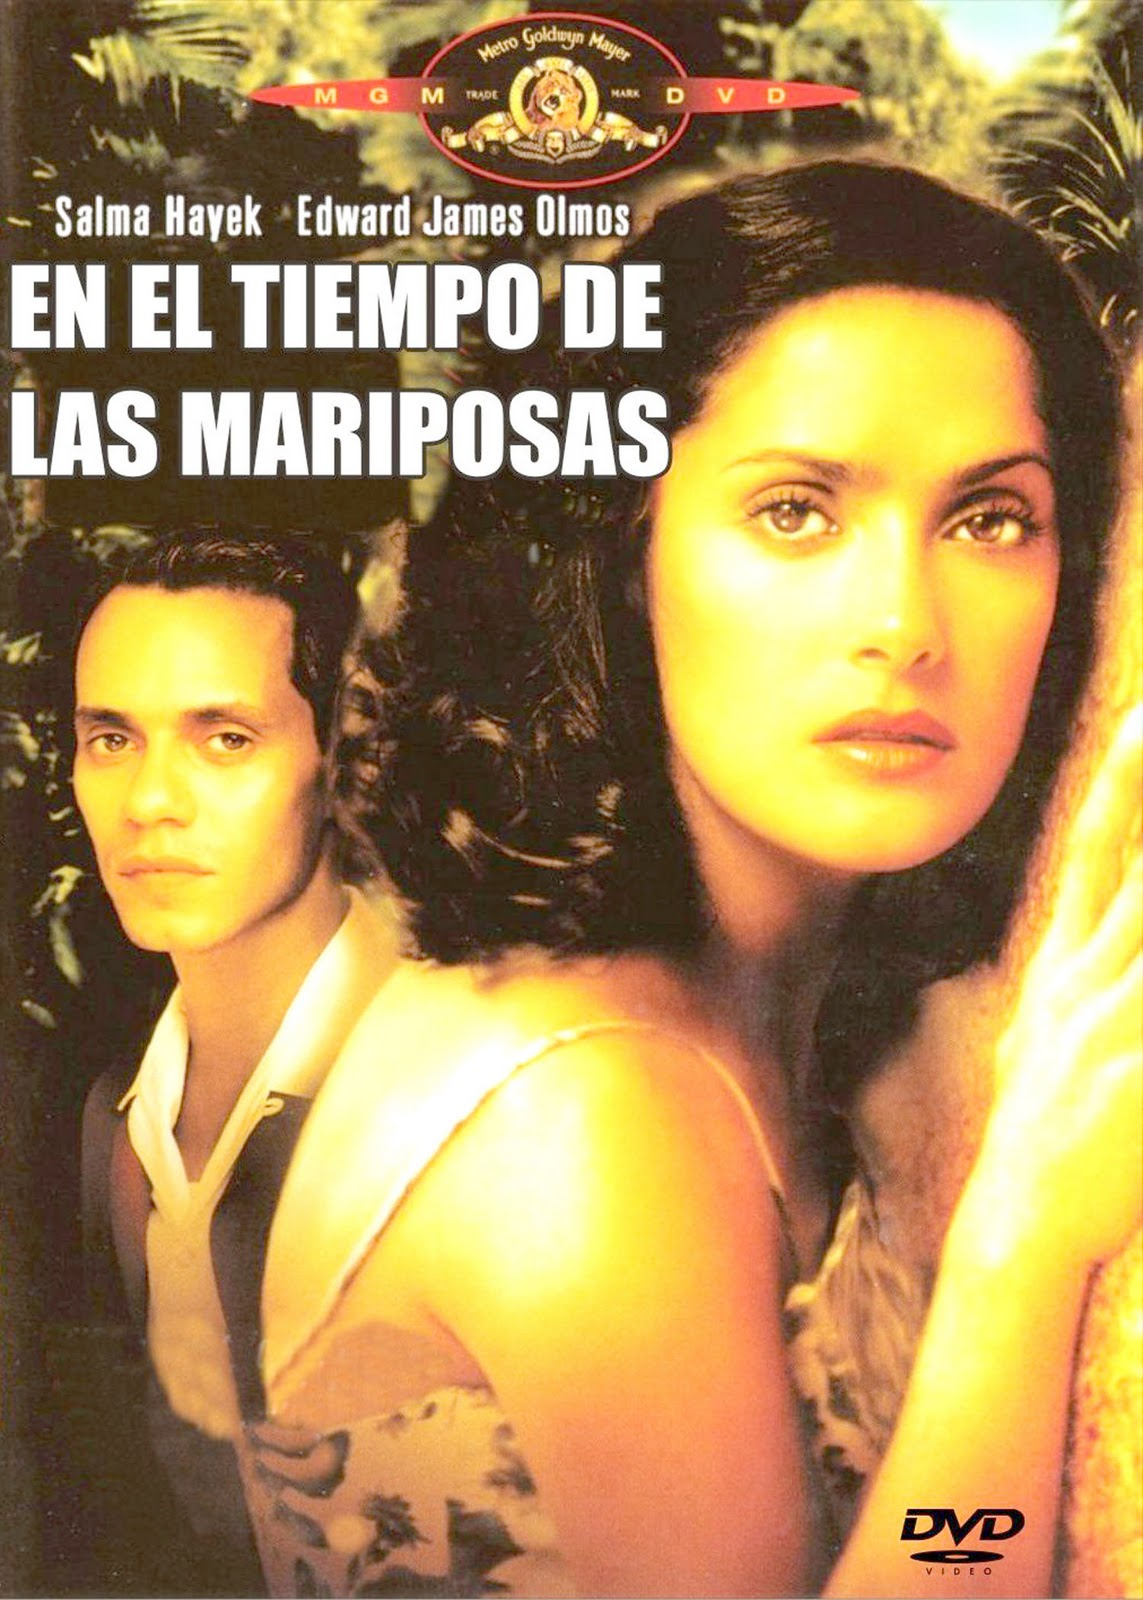 En El Tiempo De Las Mariposas.jpg